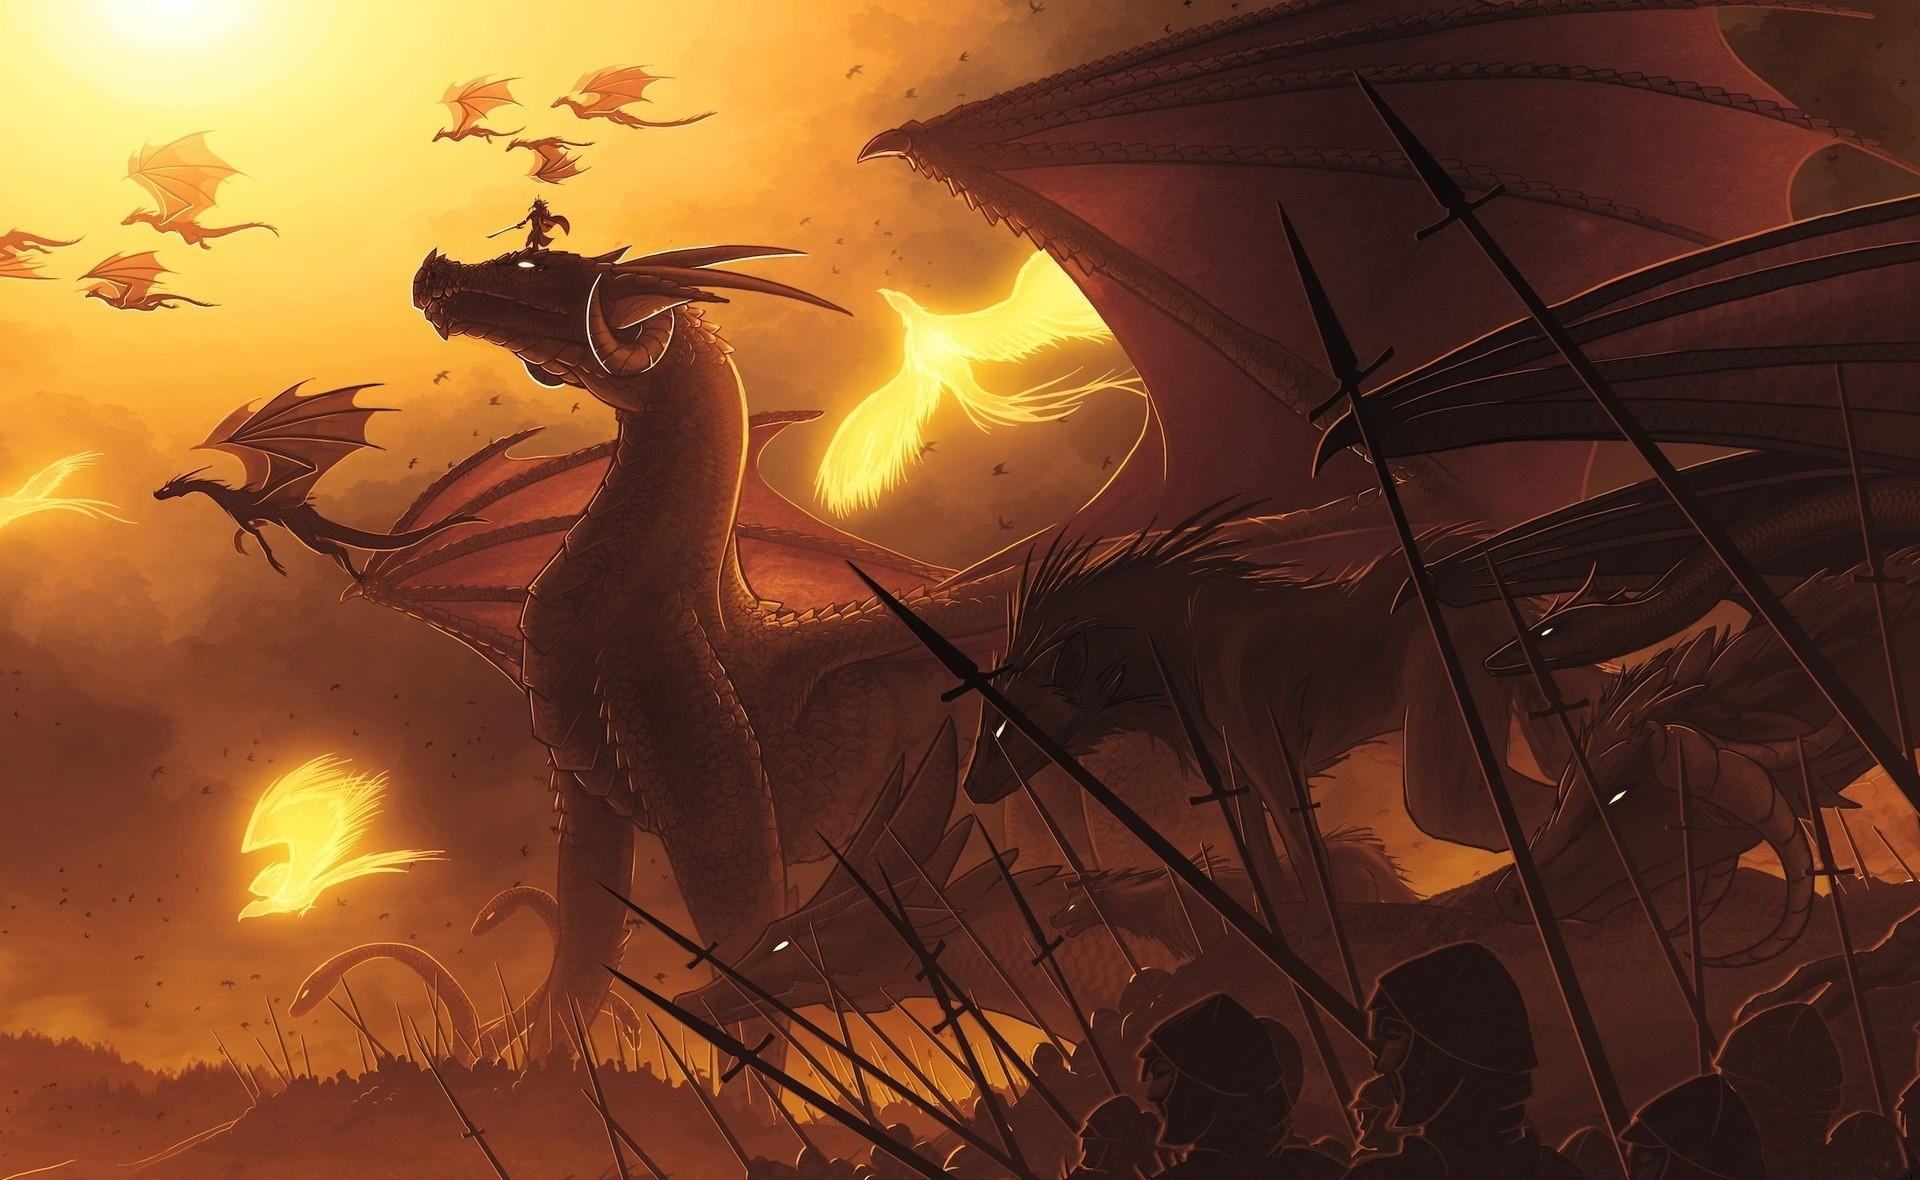 52567 Hintergrundbild herunterladen Menschen, Fantasie, Dragons, Flug, Spears, Speere - Bildschirmschoner und Bilder kostenlos